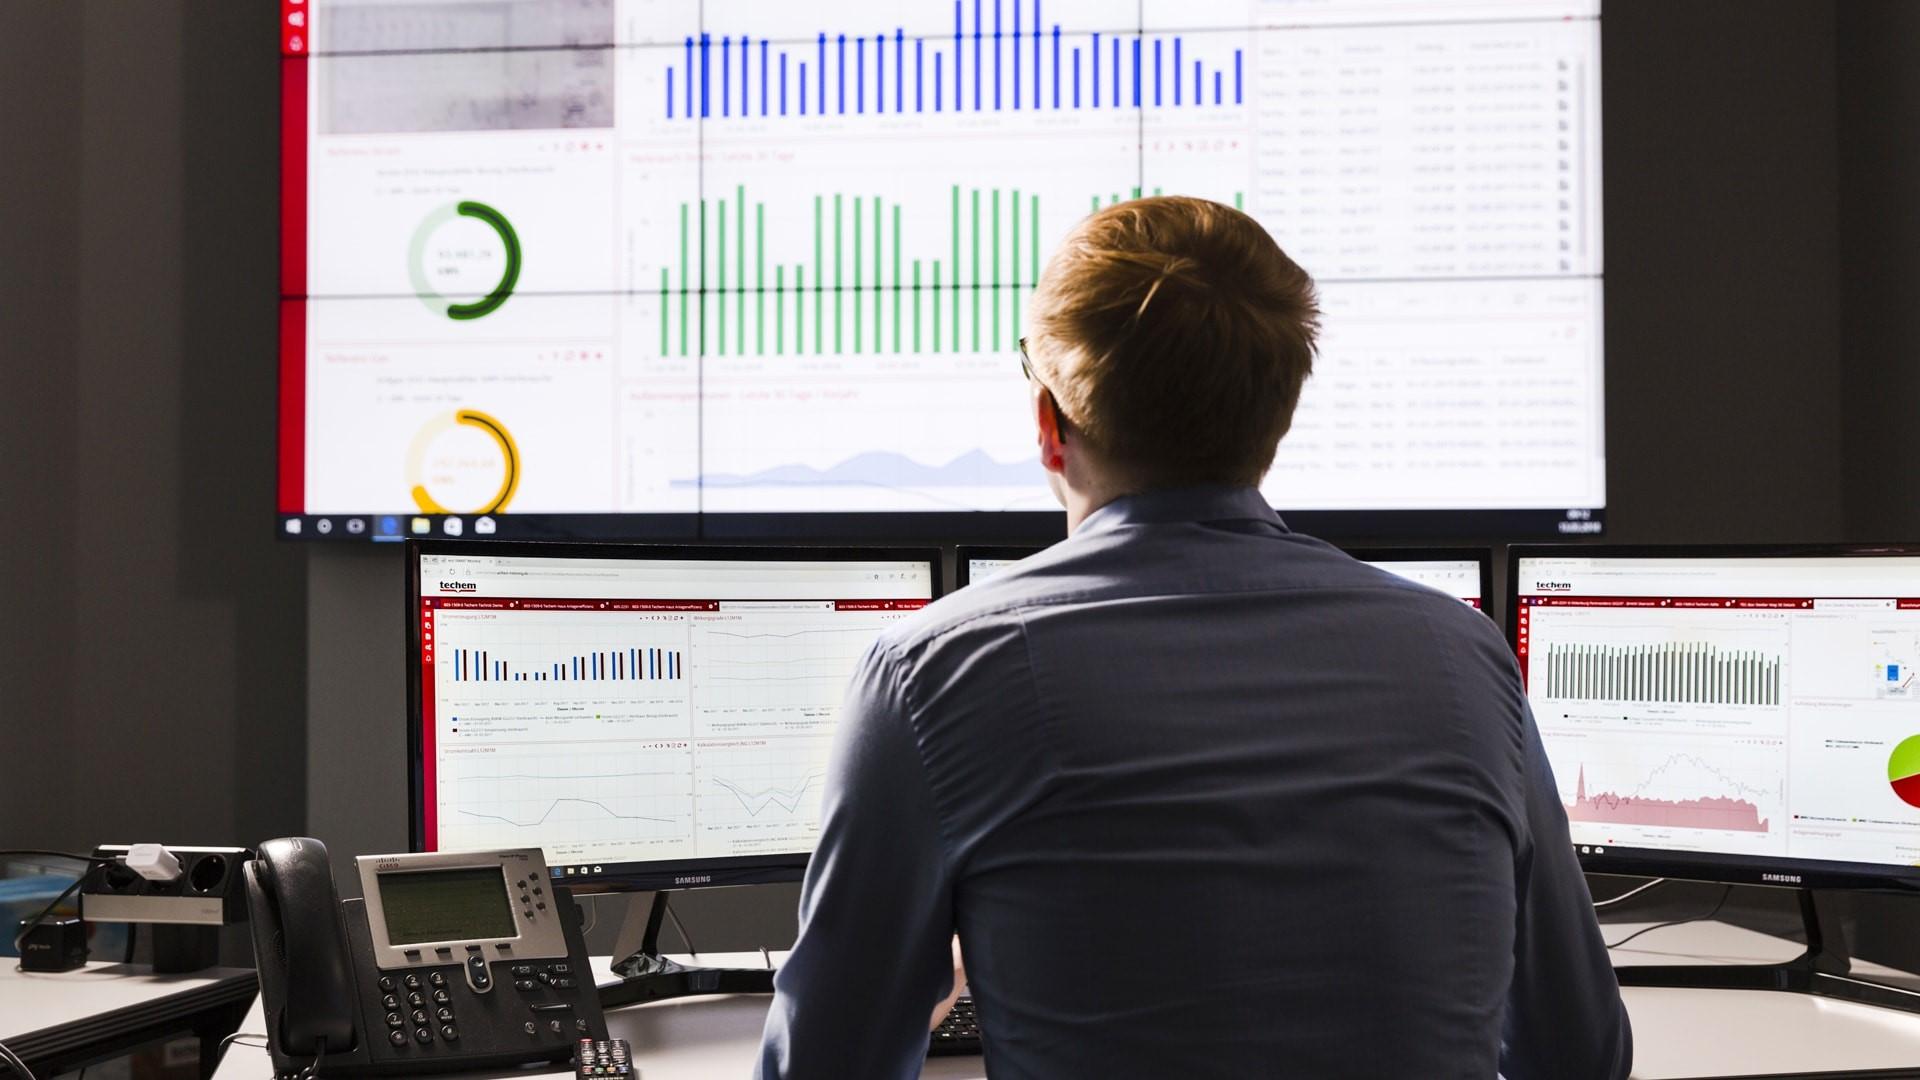 Mann überwacht Daten über ein digitales Dashboard.